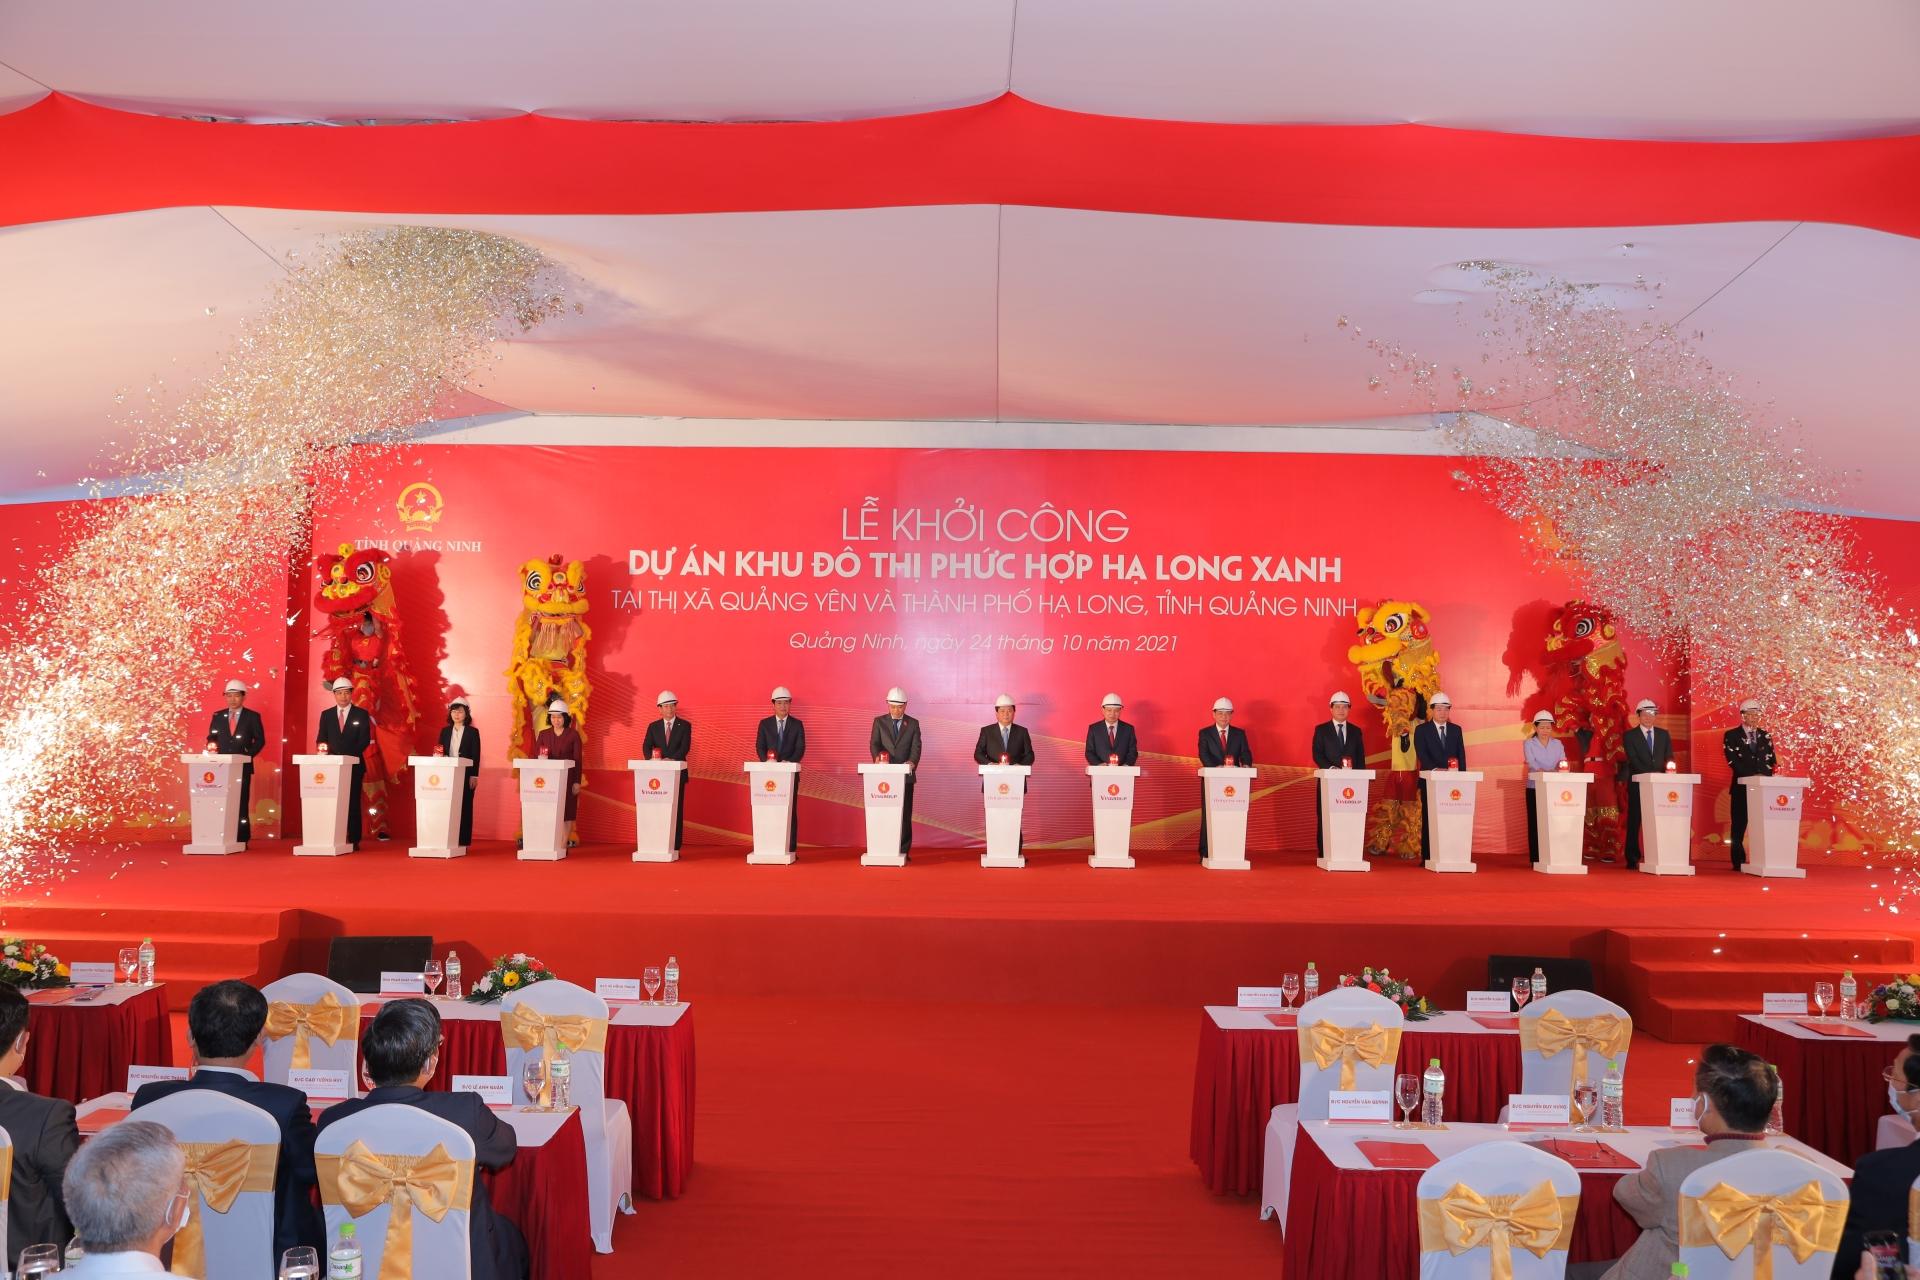 Quảng Ninh khởi công và khởi động liên tiếp 4 siêu dự án trọng điểm lên đến 283.000 tỷ đồng